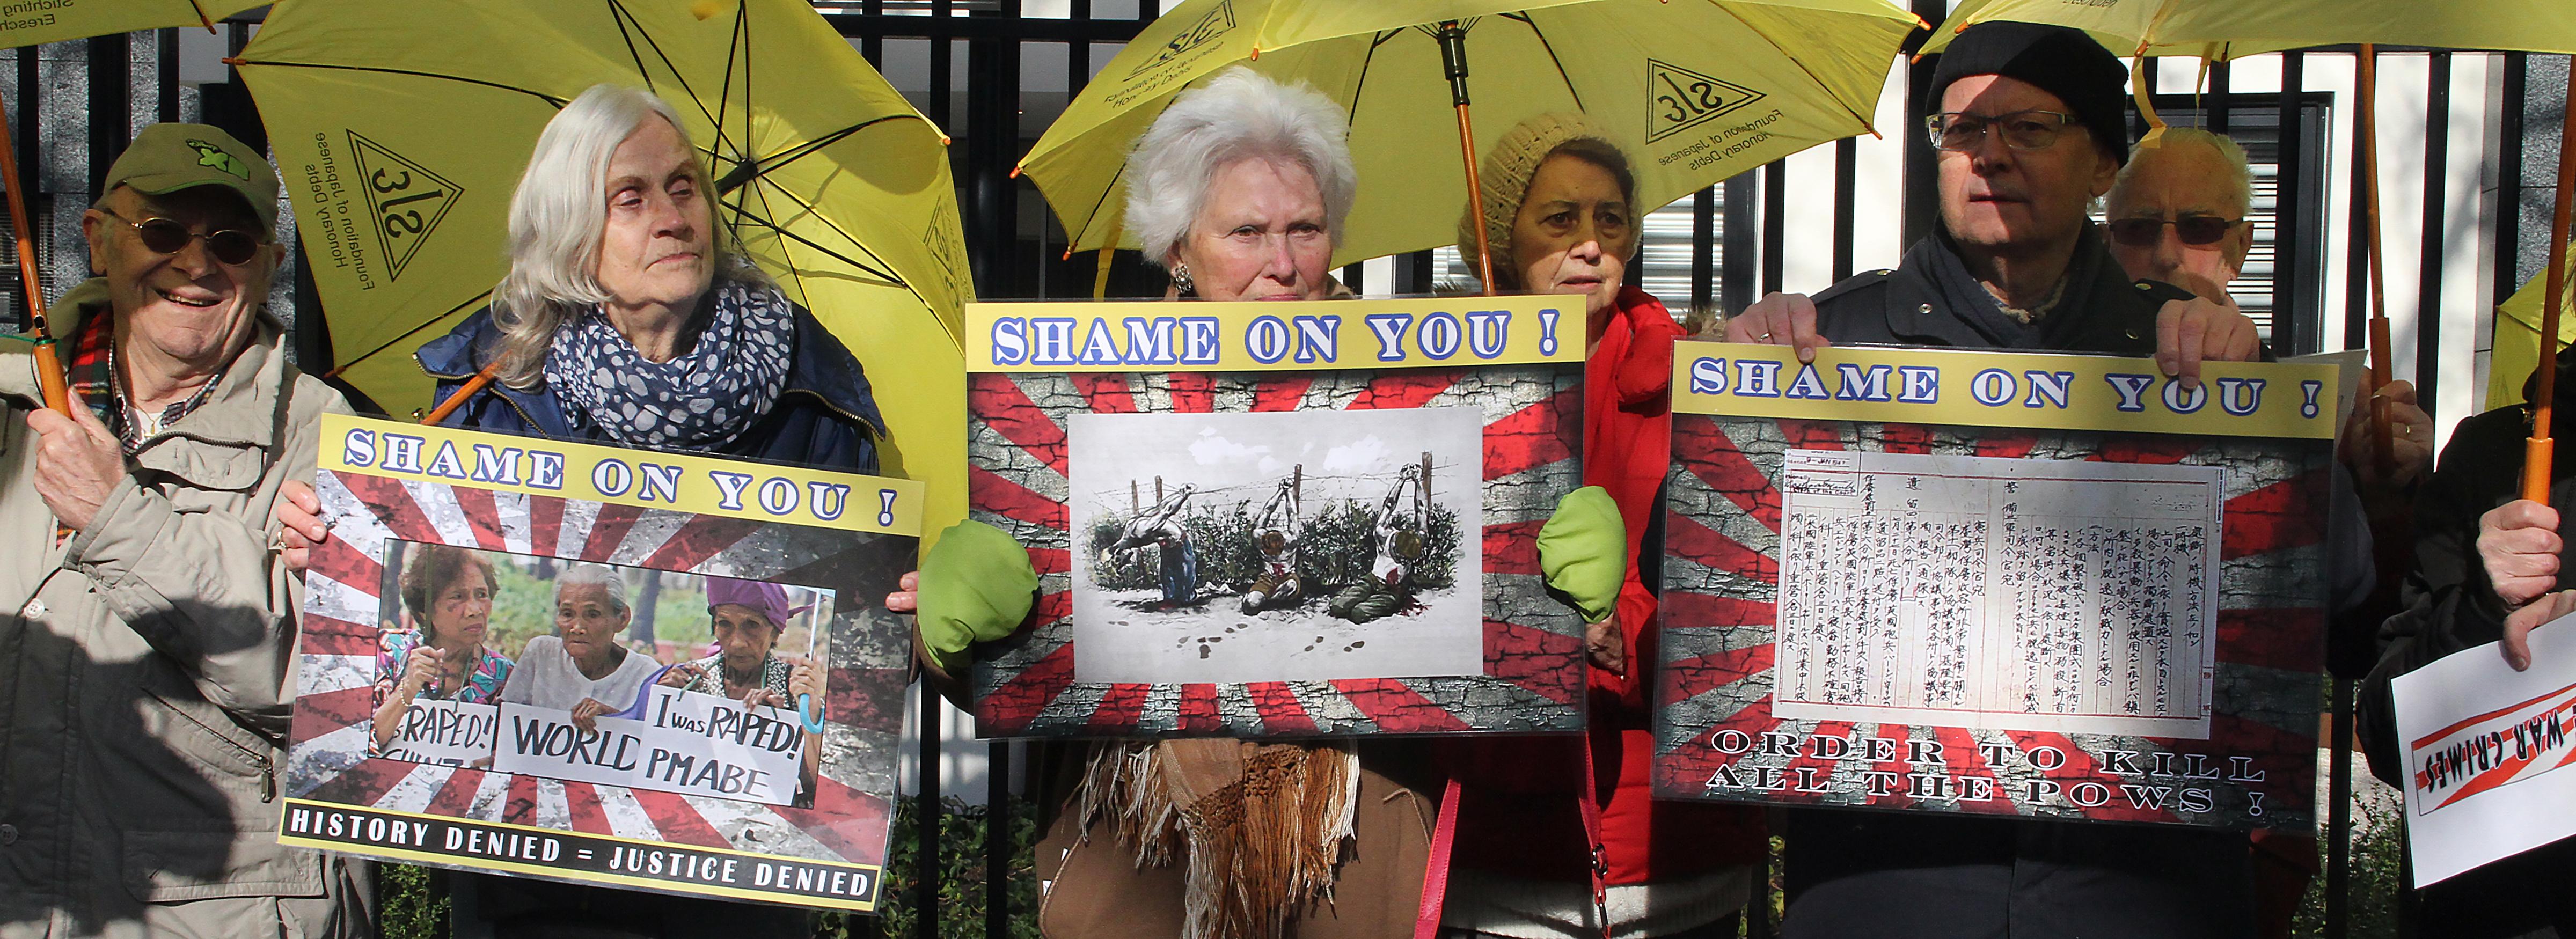 Demonstratie 14 februari 2017